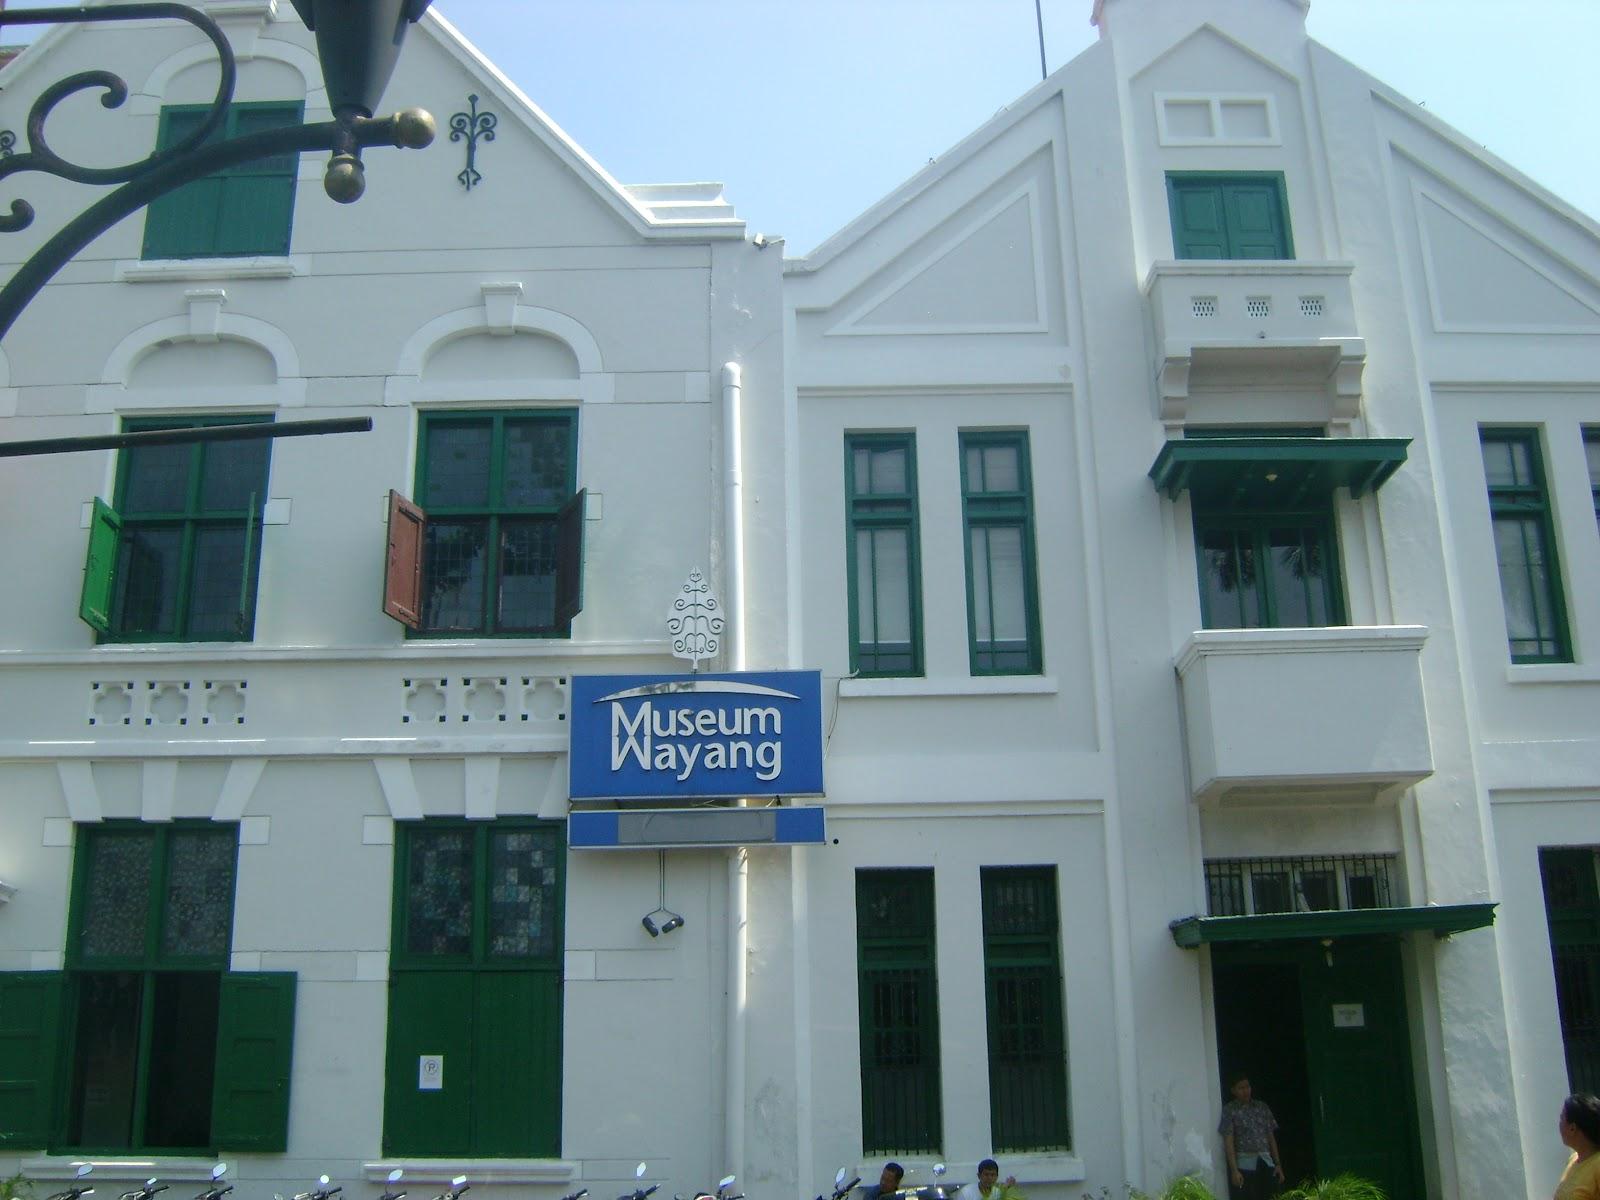 Juni 2012 Kekunaan Museum Wayang Musium Kota Administrasi Jakarta Barat